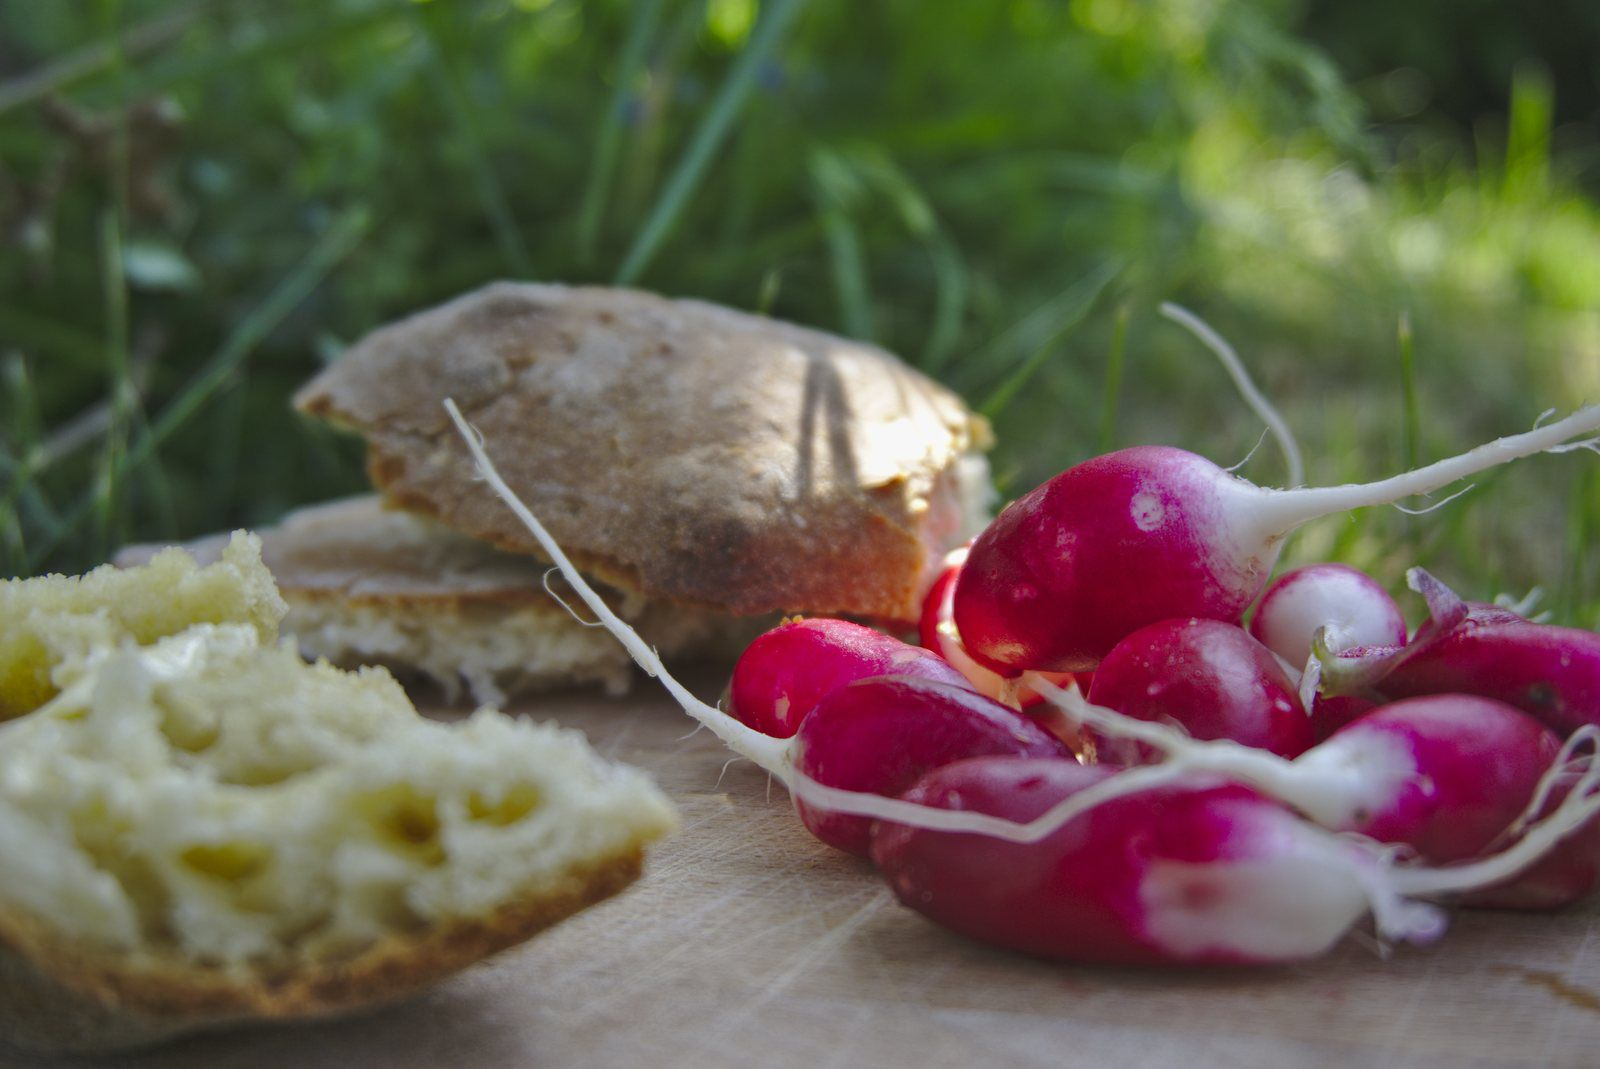 Défi photo 30 jours - Jour 13 : Dans mon jardin : Des radis !  avec du pain maison, du beurre, quoi de meilleur ?